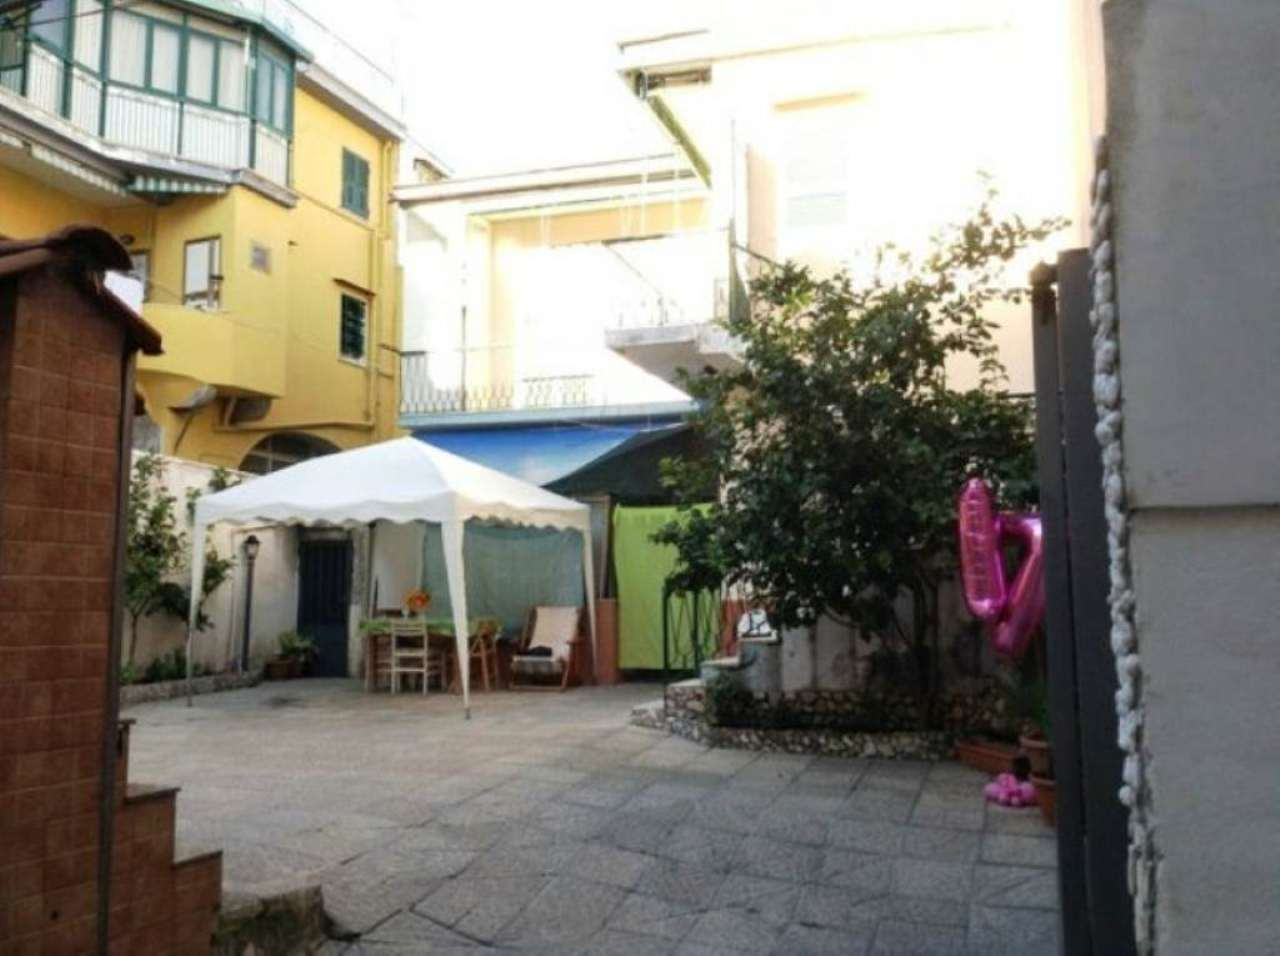 Appartamento in vendita a Torre del Greco, 2 locali, prezzo € 88.000 | Cambio Casa.it